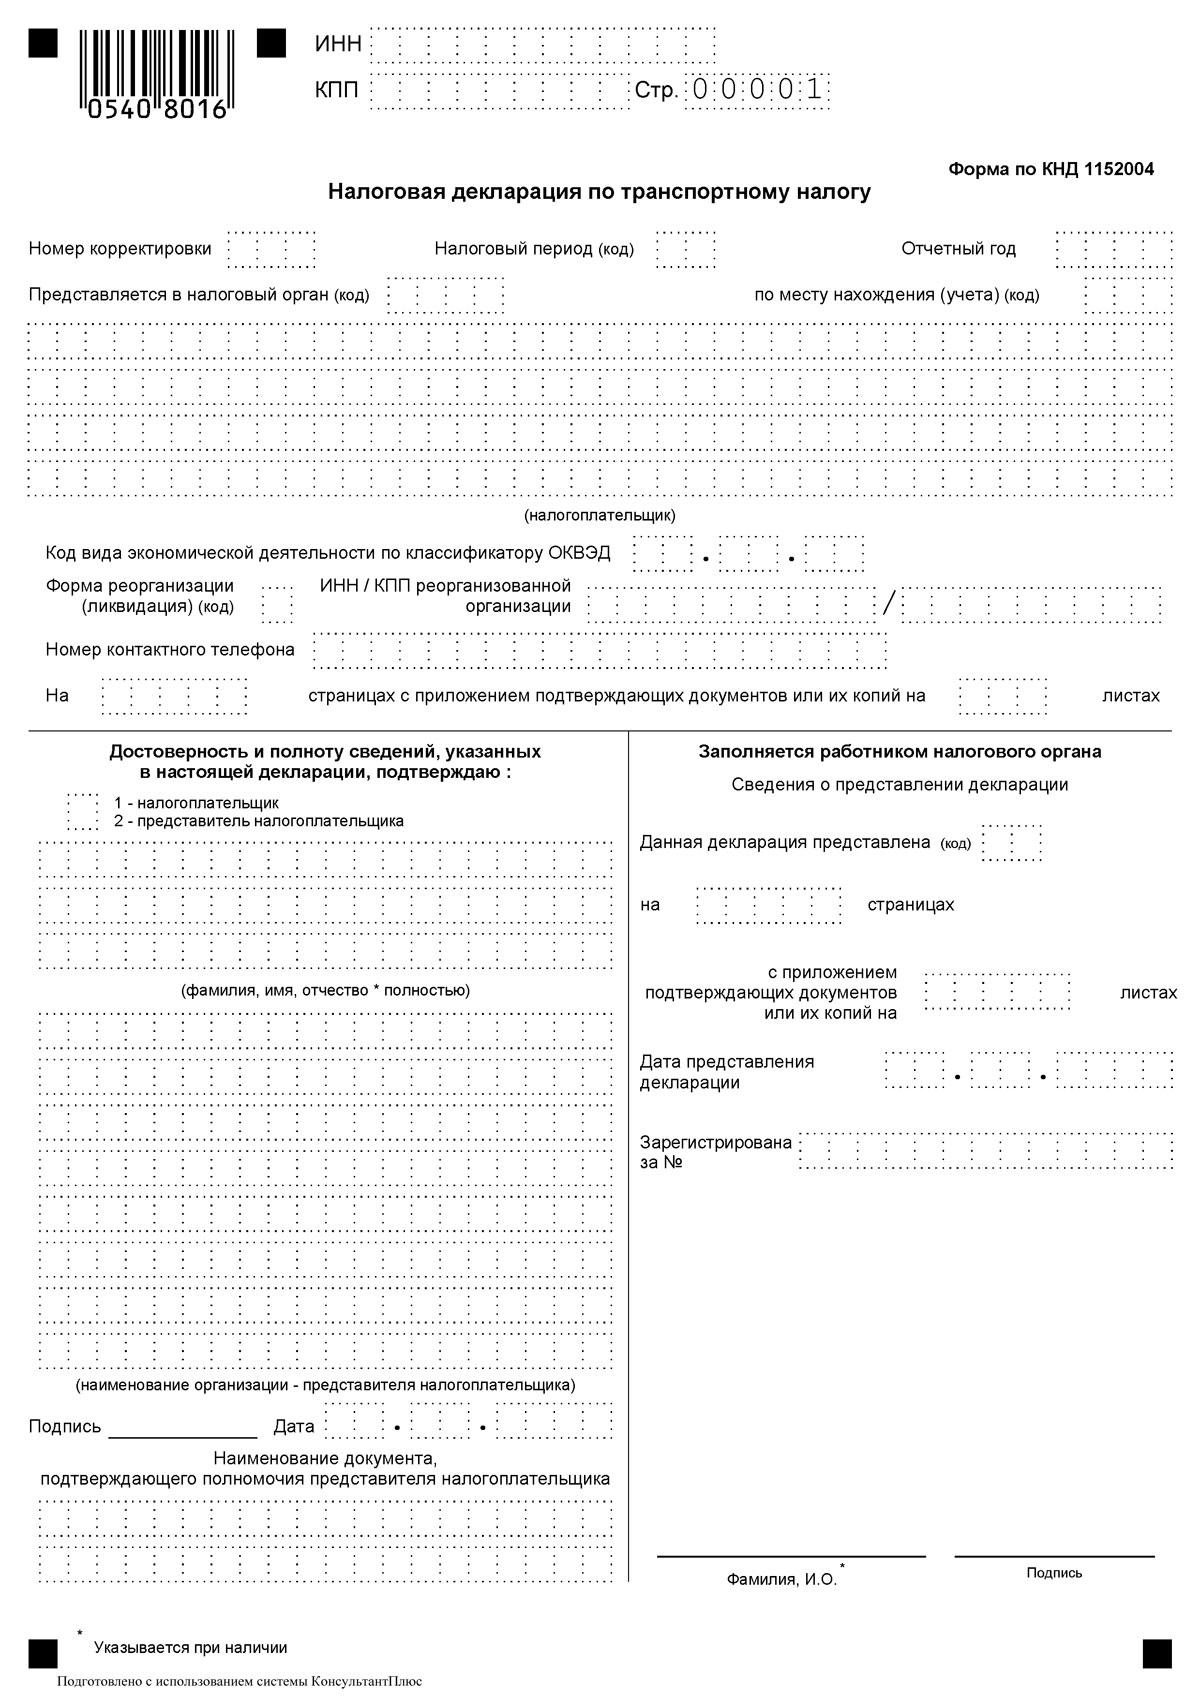 Транспортный налог 2009 ставки в екатеринбурге как реально можно заработать в интернете на дому